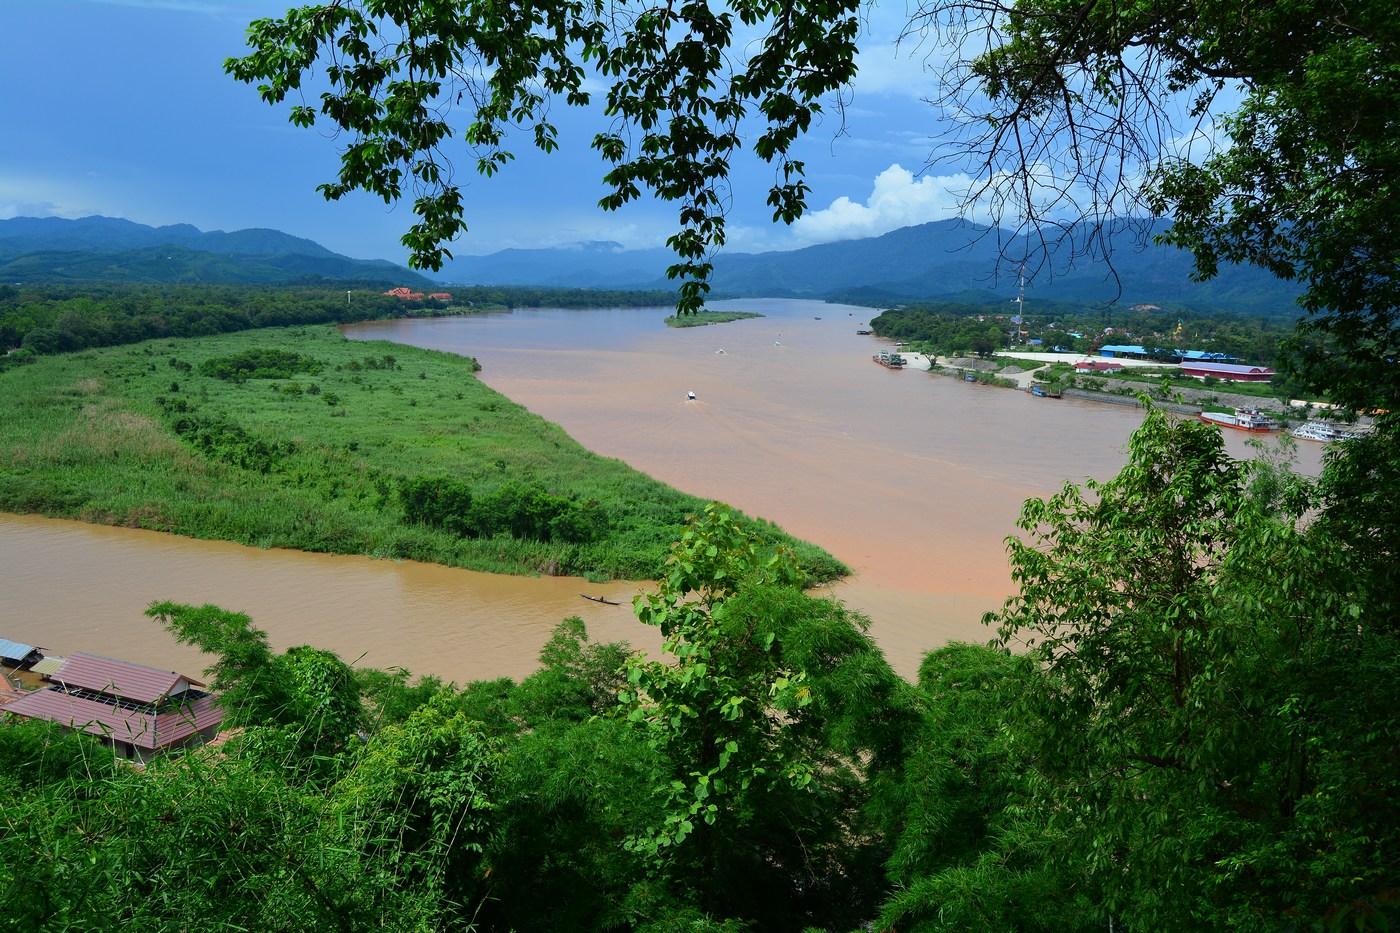 Vue depuis la Thaïlande des deux voisins le Laos et le Myanmar.